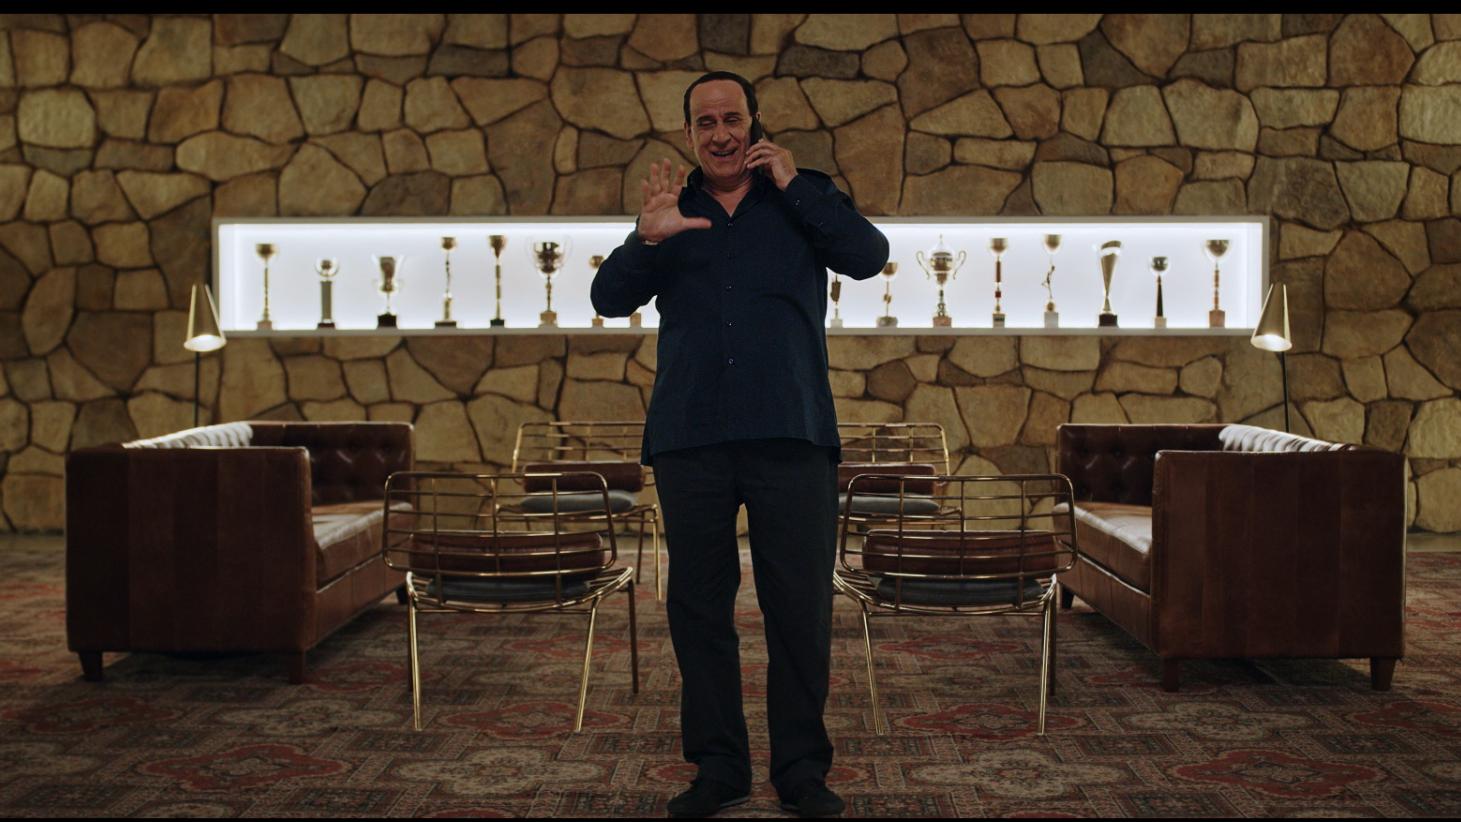 """S. Berlusconio """"žiauria provokacija"""" išvadintas P. Sorrentino filmas """"Silvio"""" startuoja Lietuvoje"""